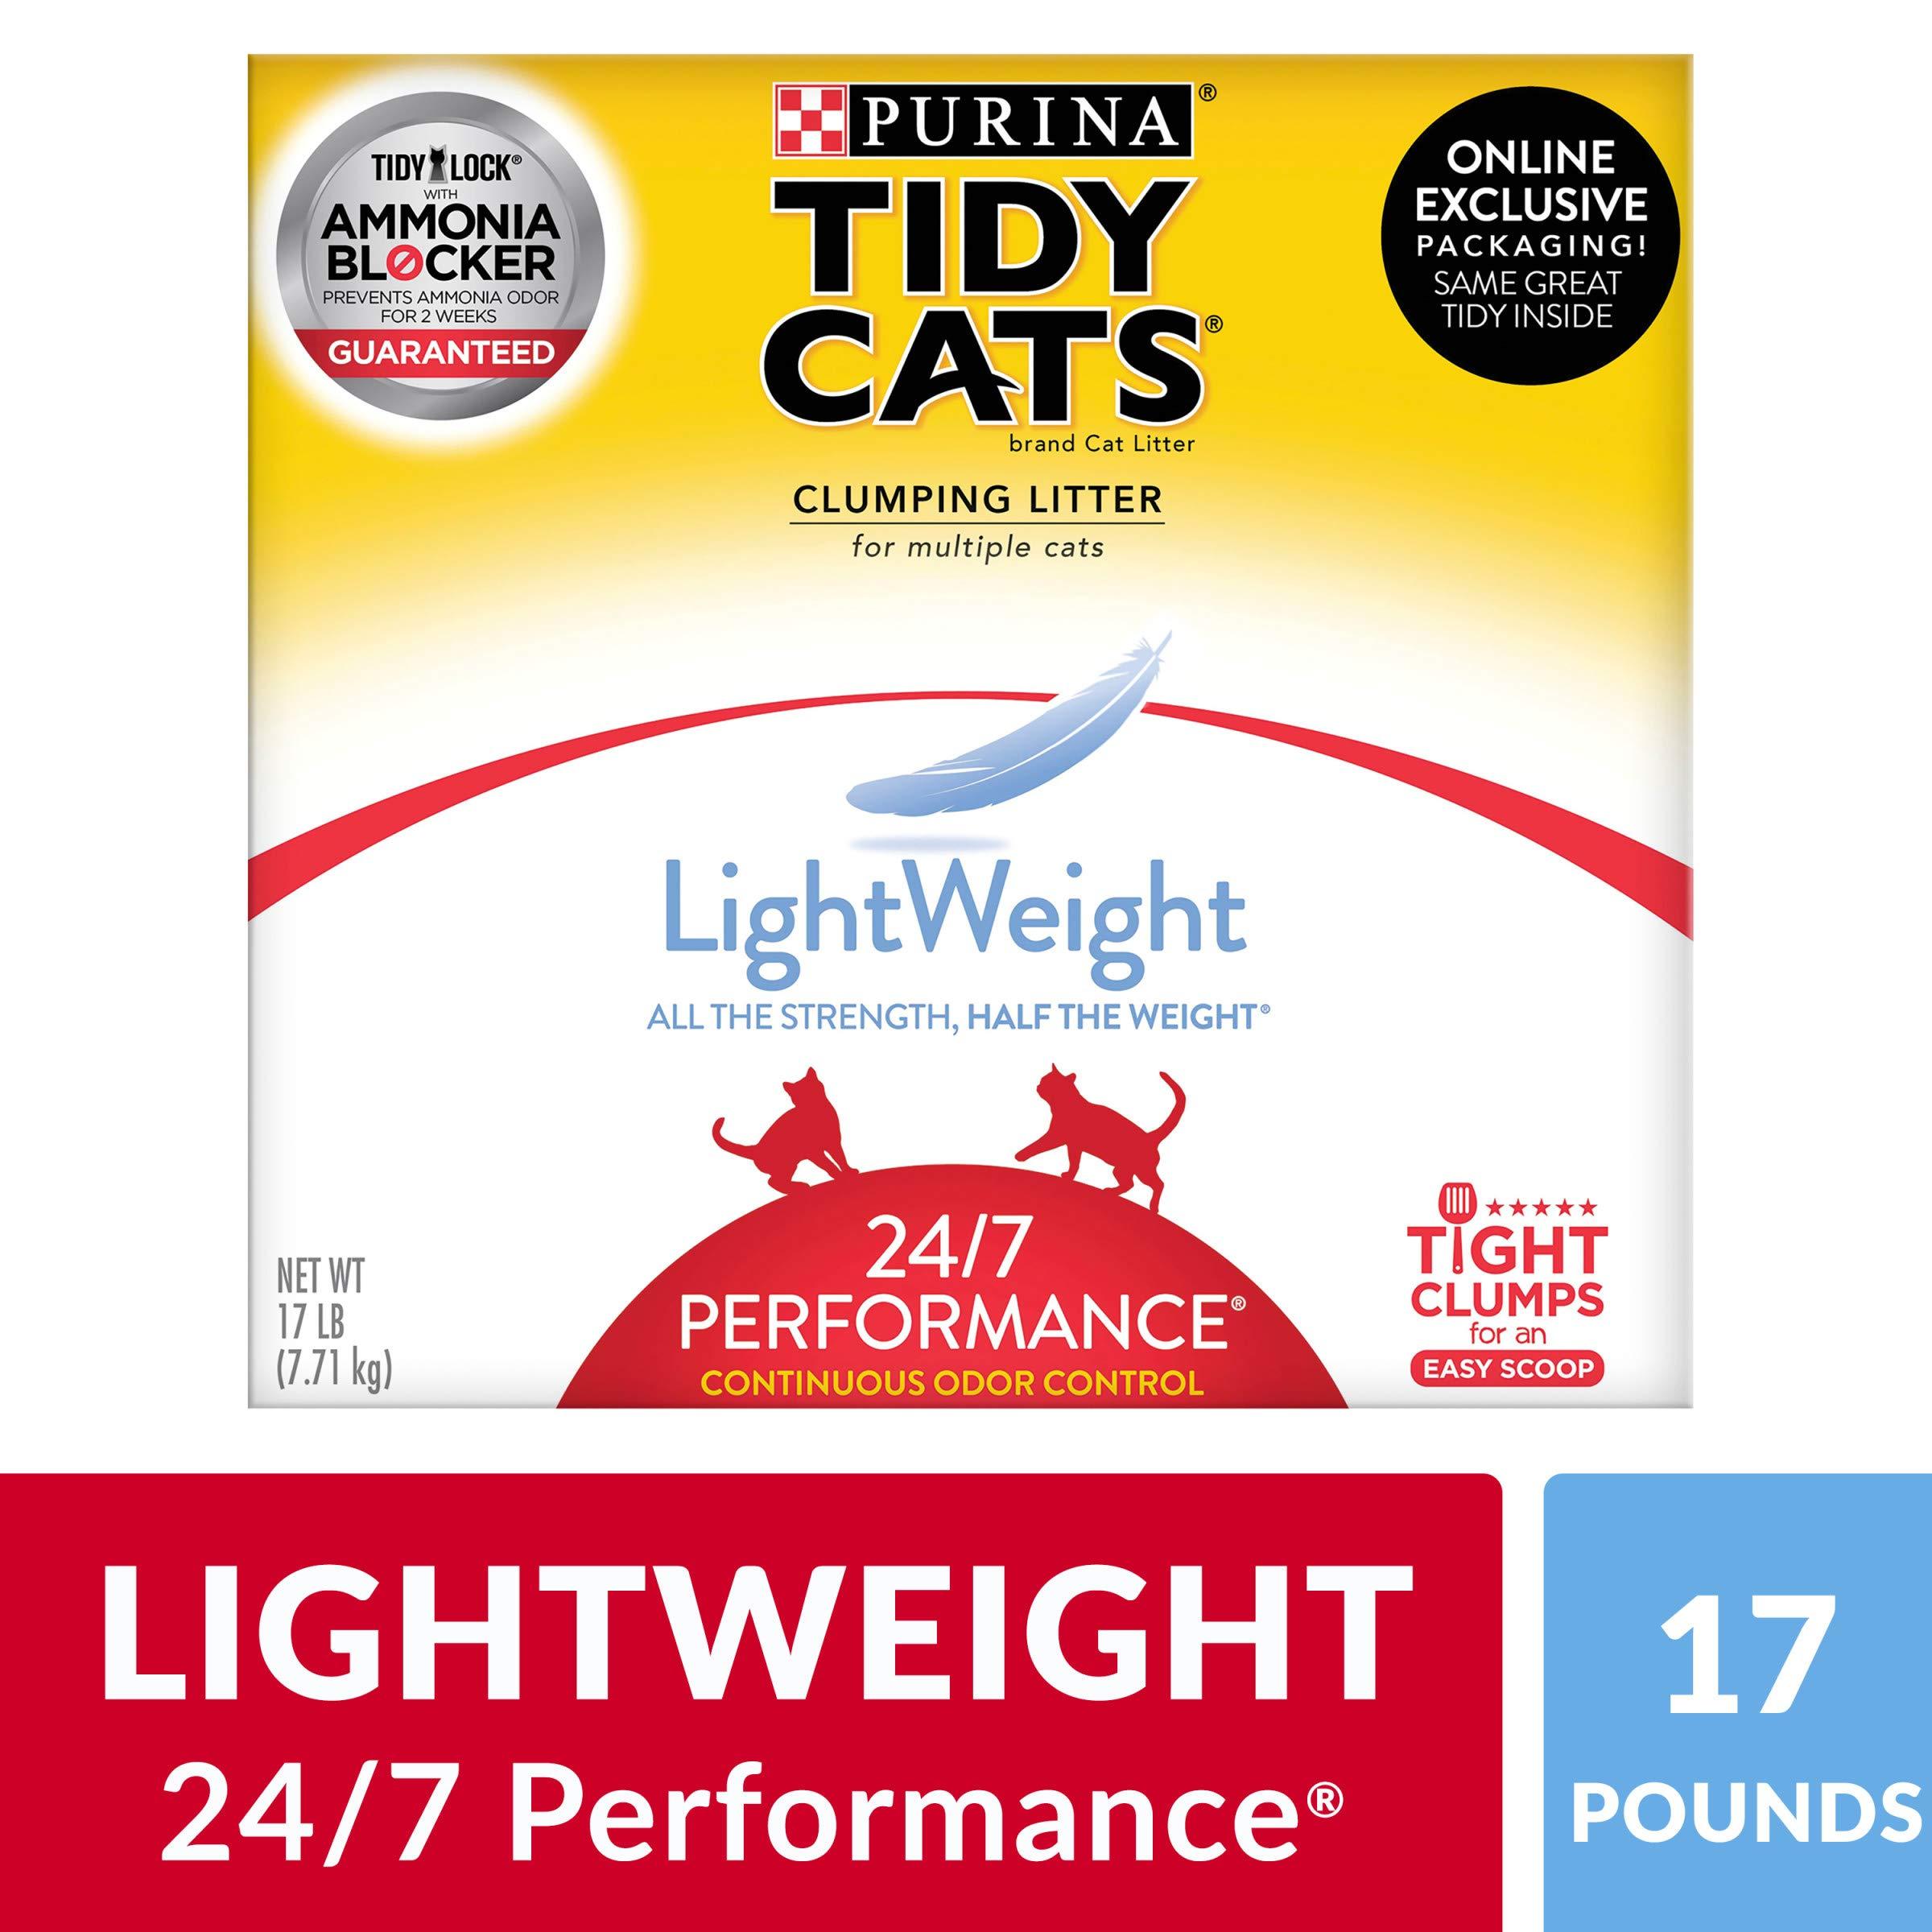 Purina Tidy Cats Light Weight, Dust Free, Clumping Cat Litter;  LightWeight 24/7 Performance Multi Cat Litter - 17 lb. Box